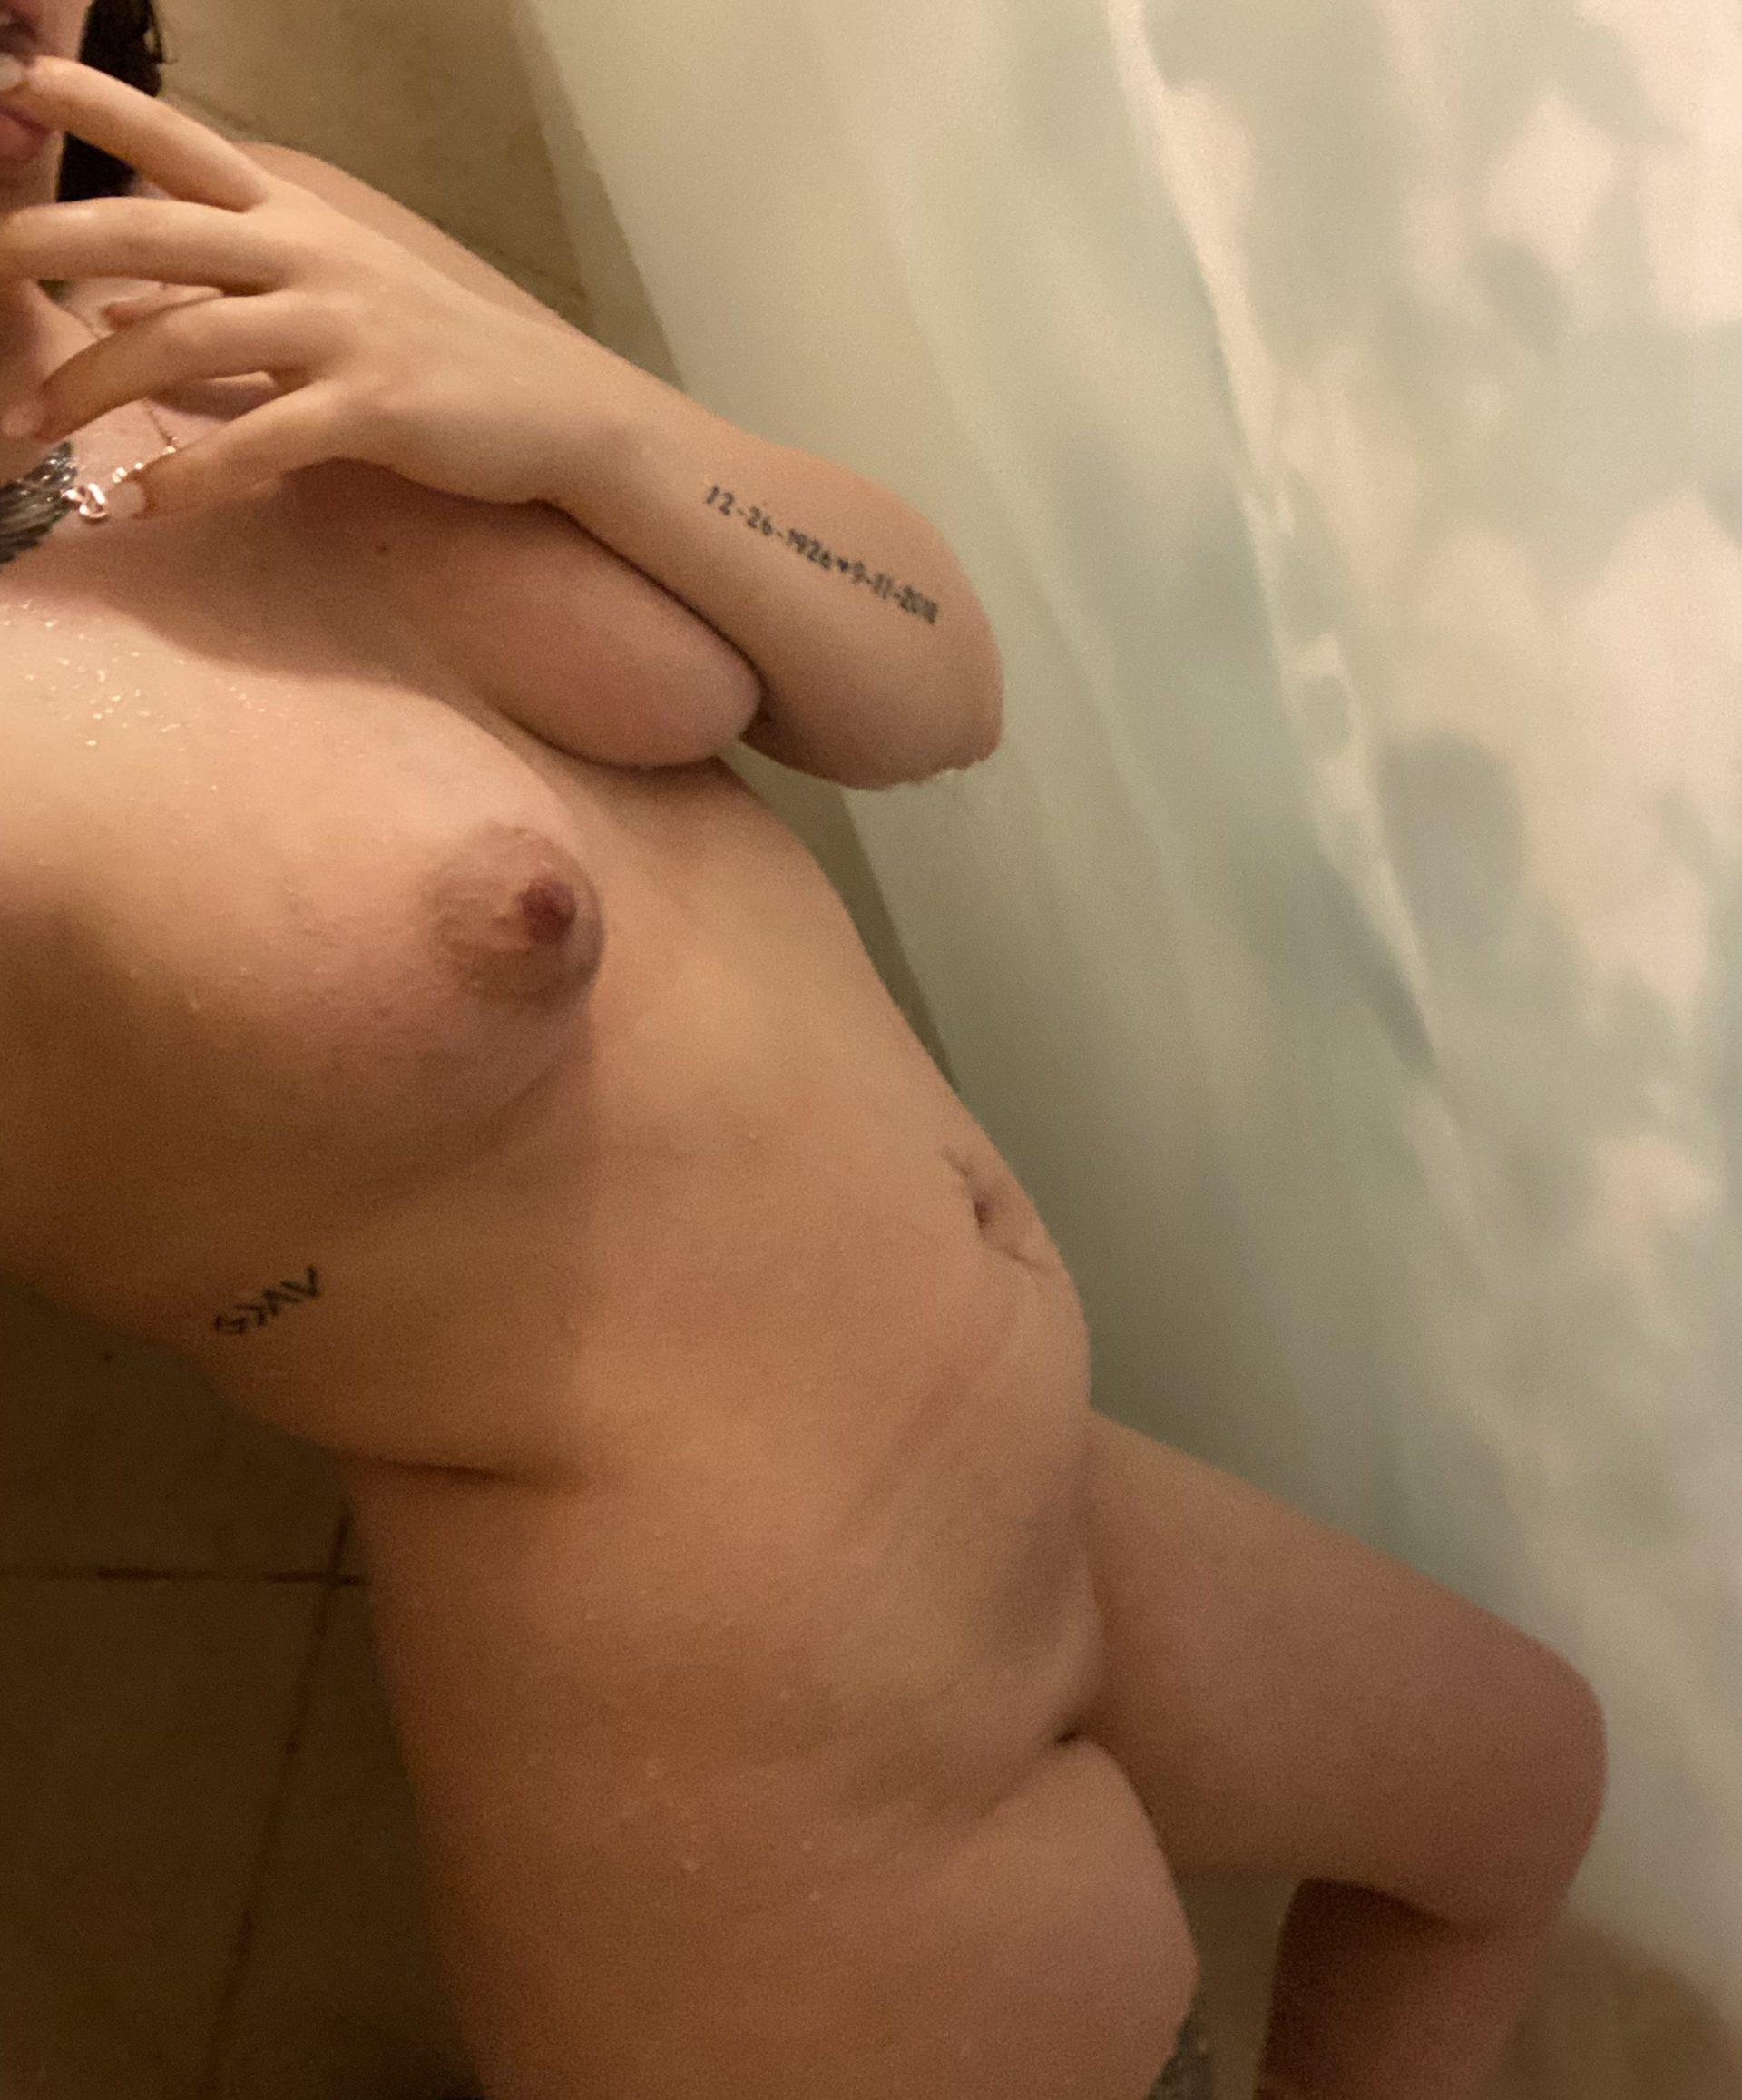 Lexusintexas Onlyfans Nudes Leaks 0020